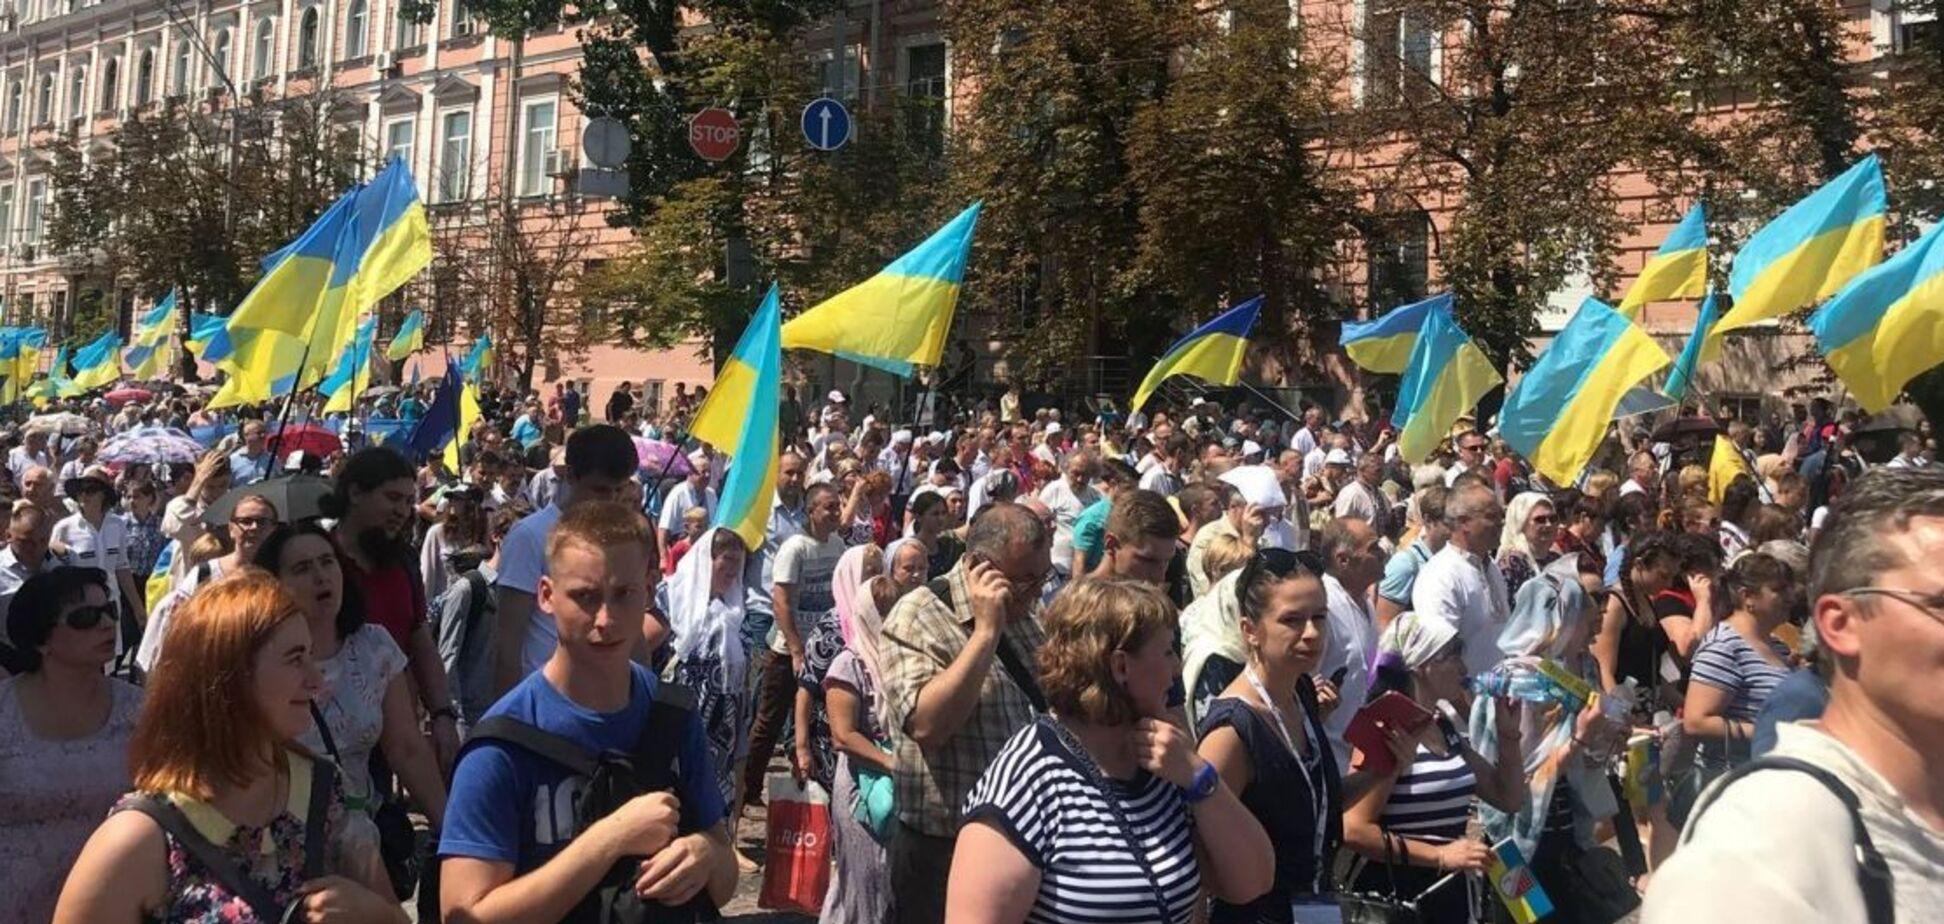 Хресна хода в Києві: УПЦ КП зібрала в рази більше людей, ніж МП